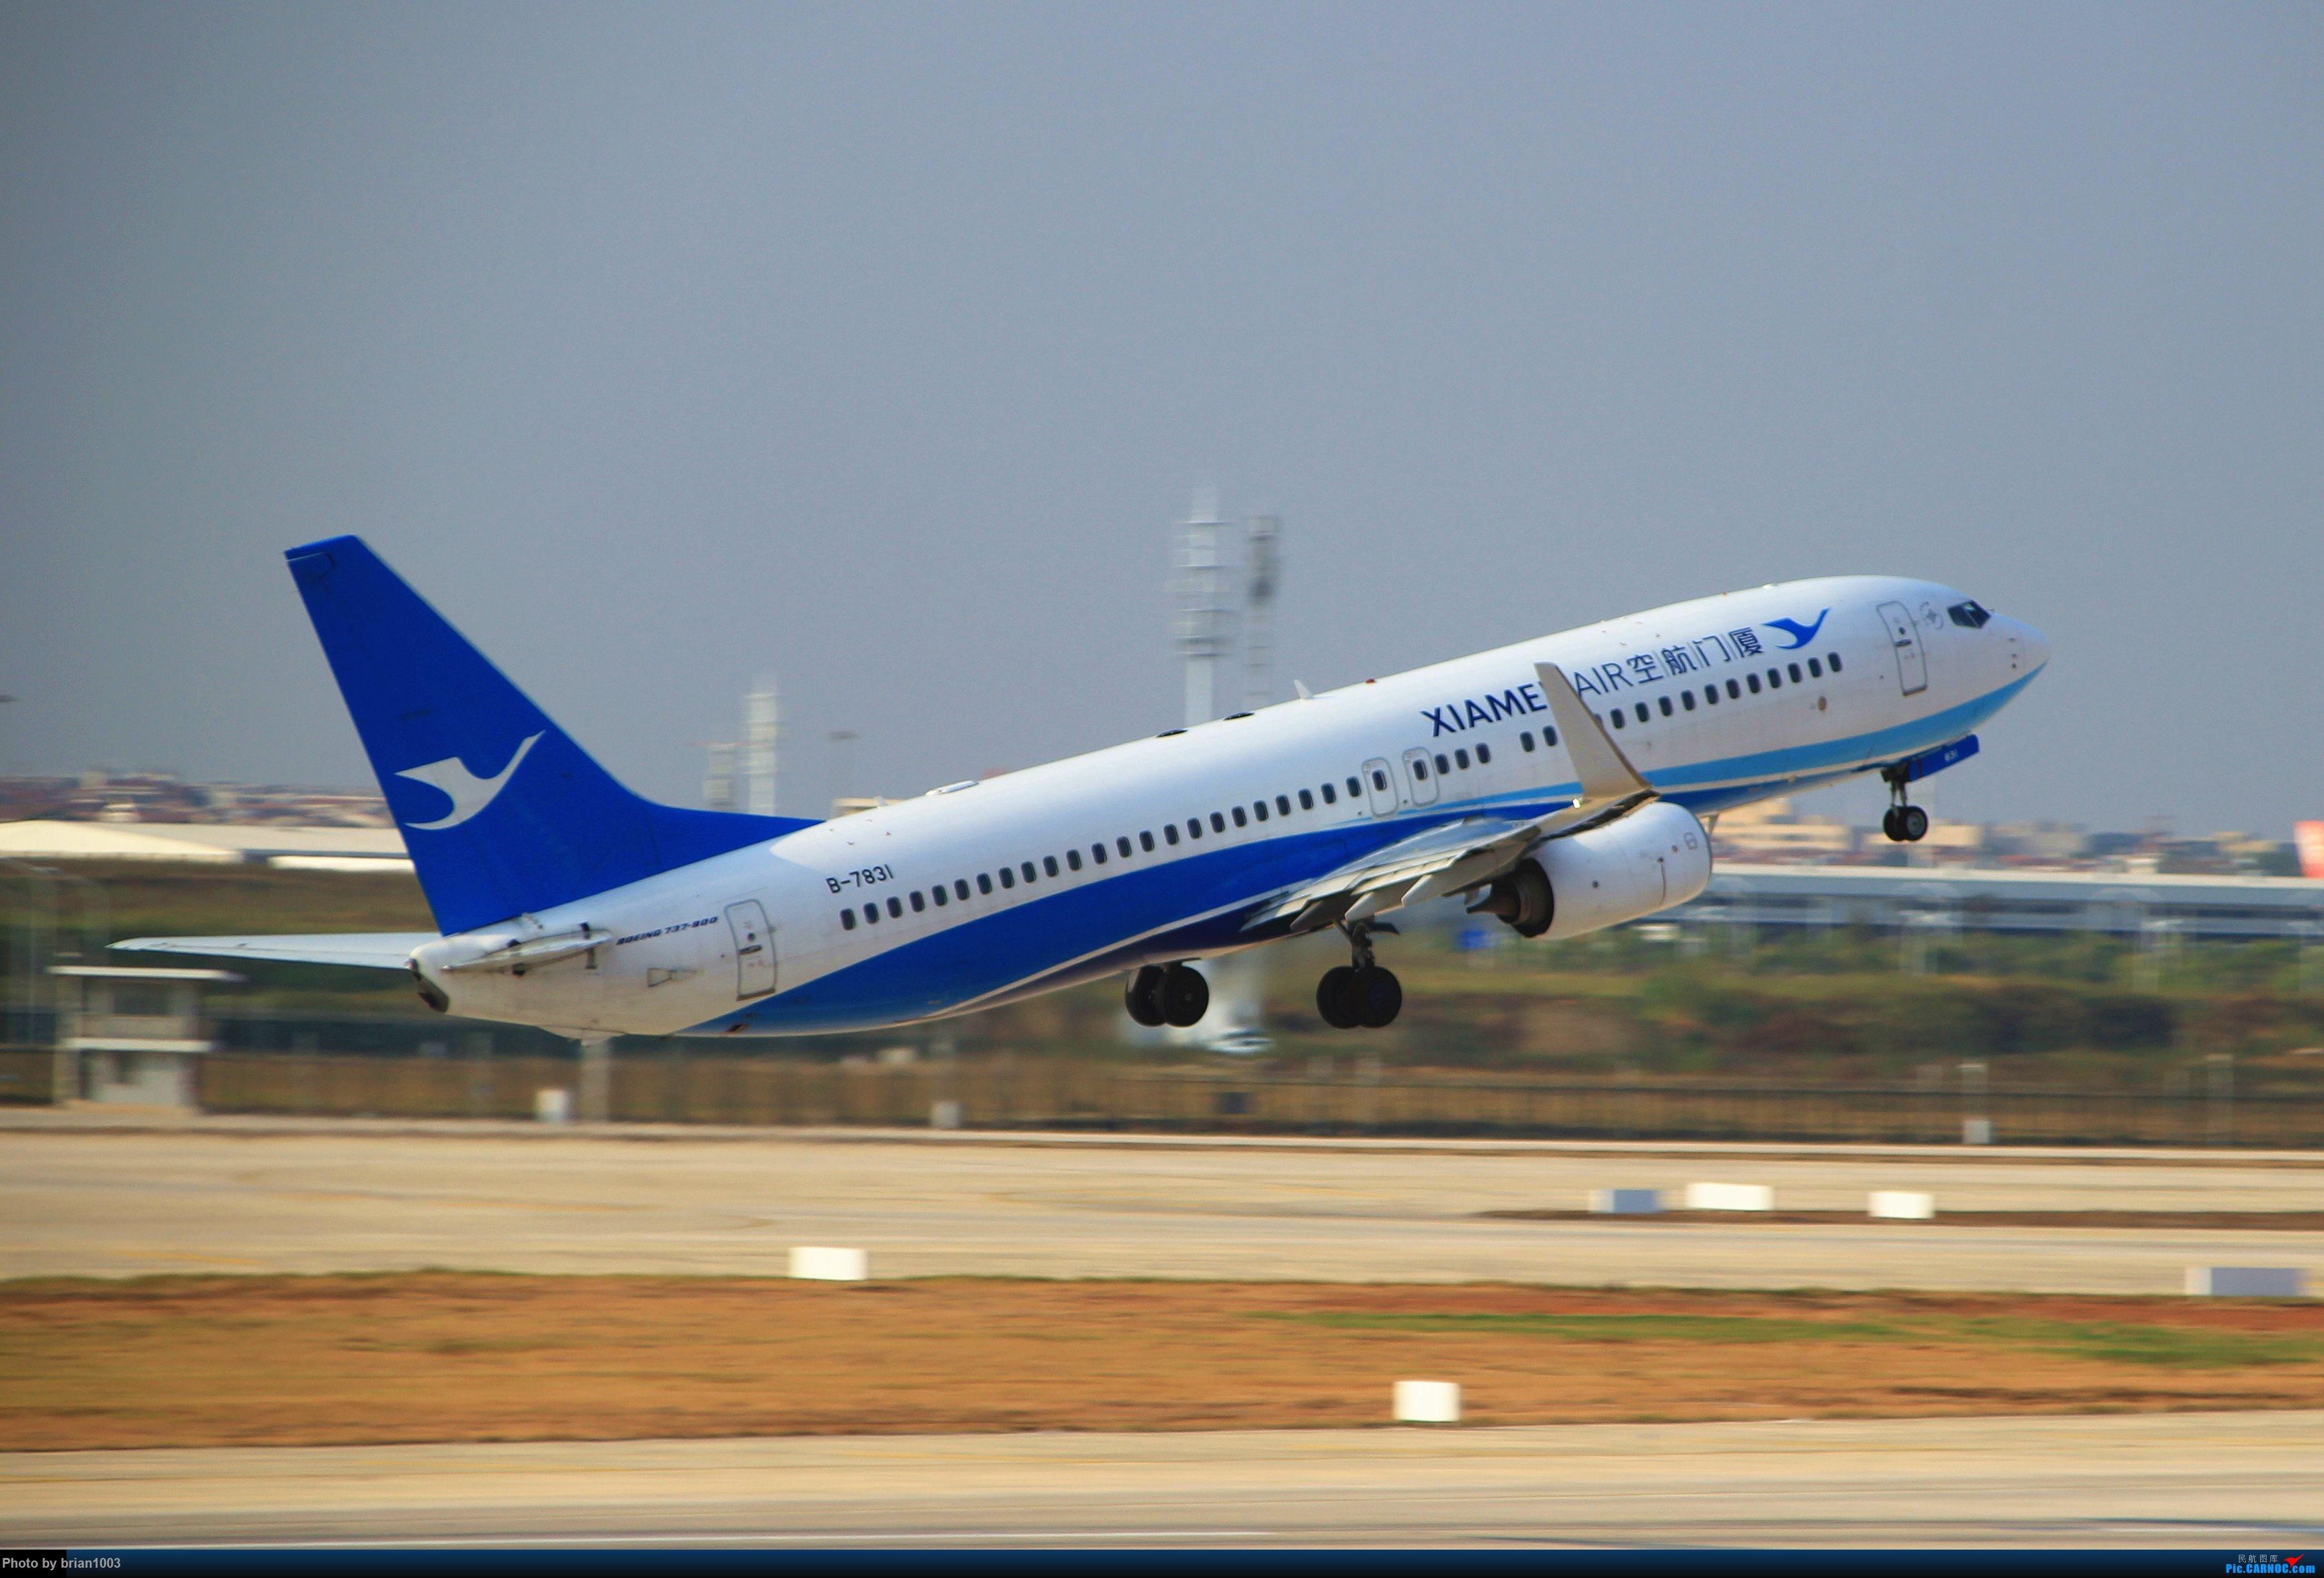 Re:[原创]WUH武汉天河机场拍机之精彩满满的十月(还可能更新) BOEING 737-800 B-7831 中国武汉天河国际机场